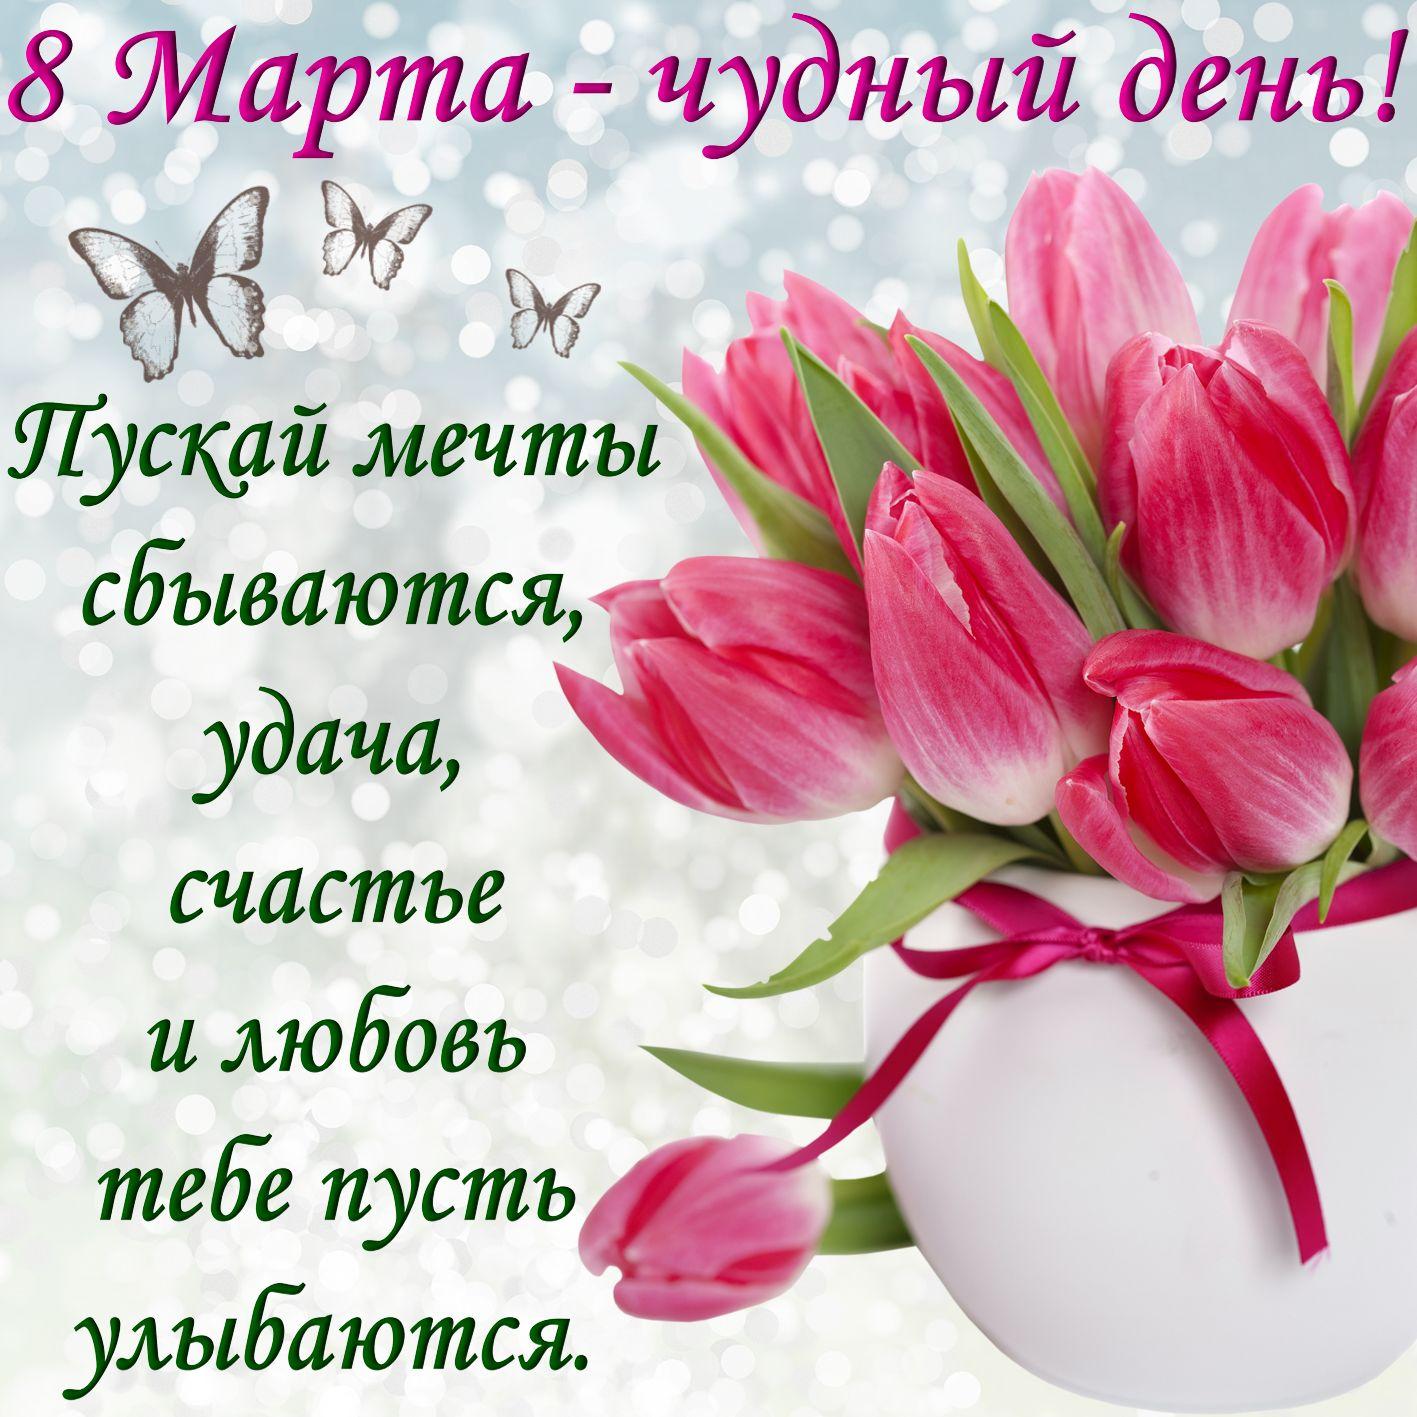 Поздравления с днем рождения прикольные с 8 марта